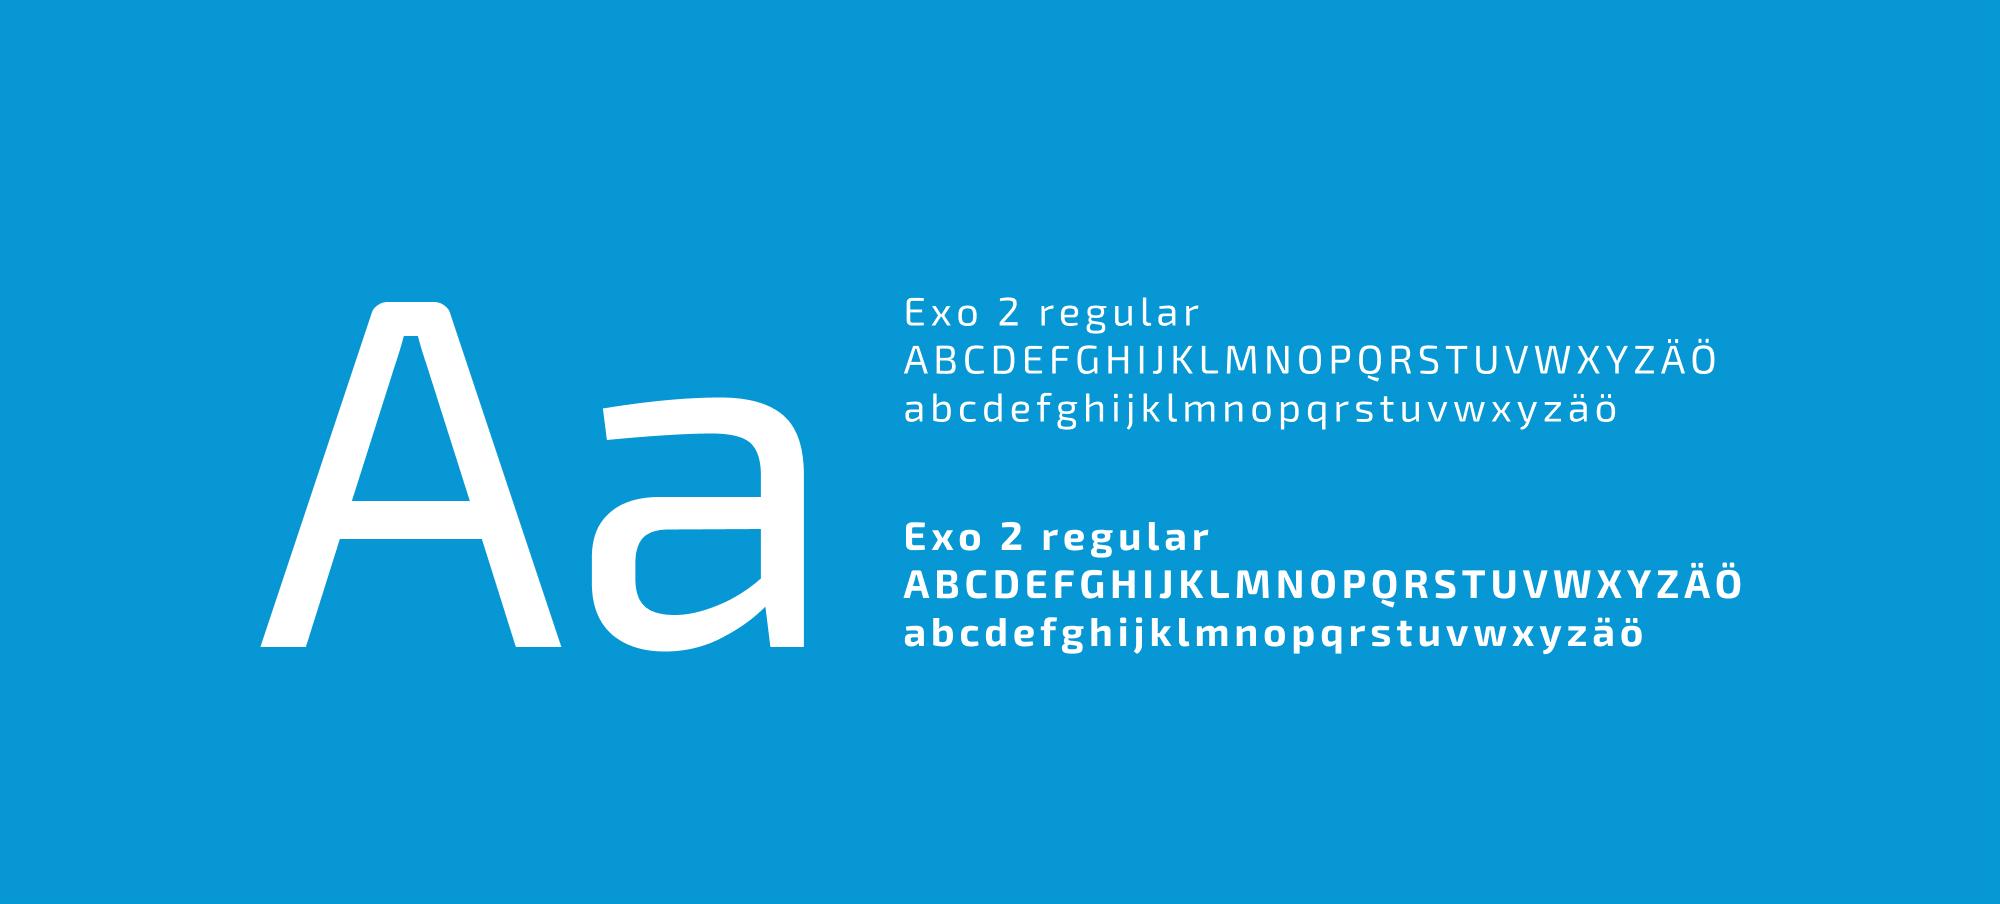 Mainio typography